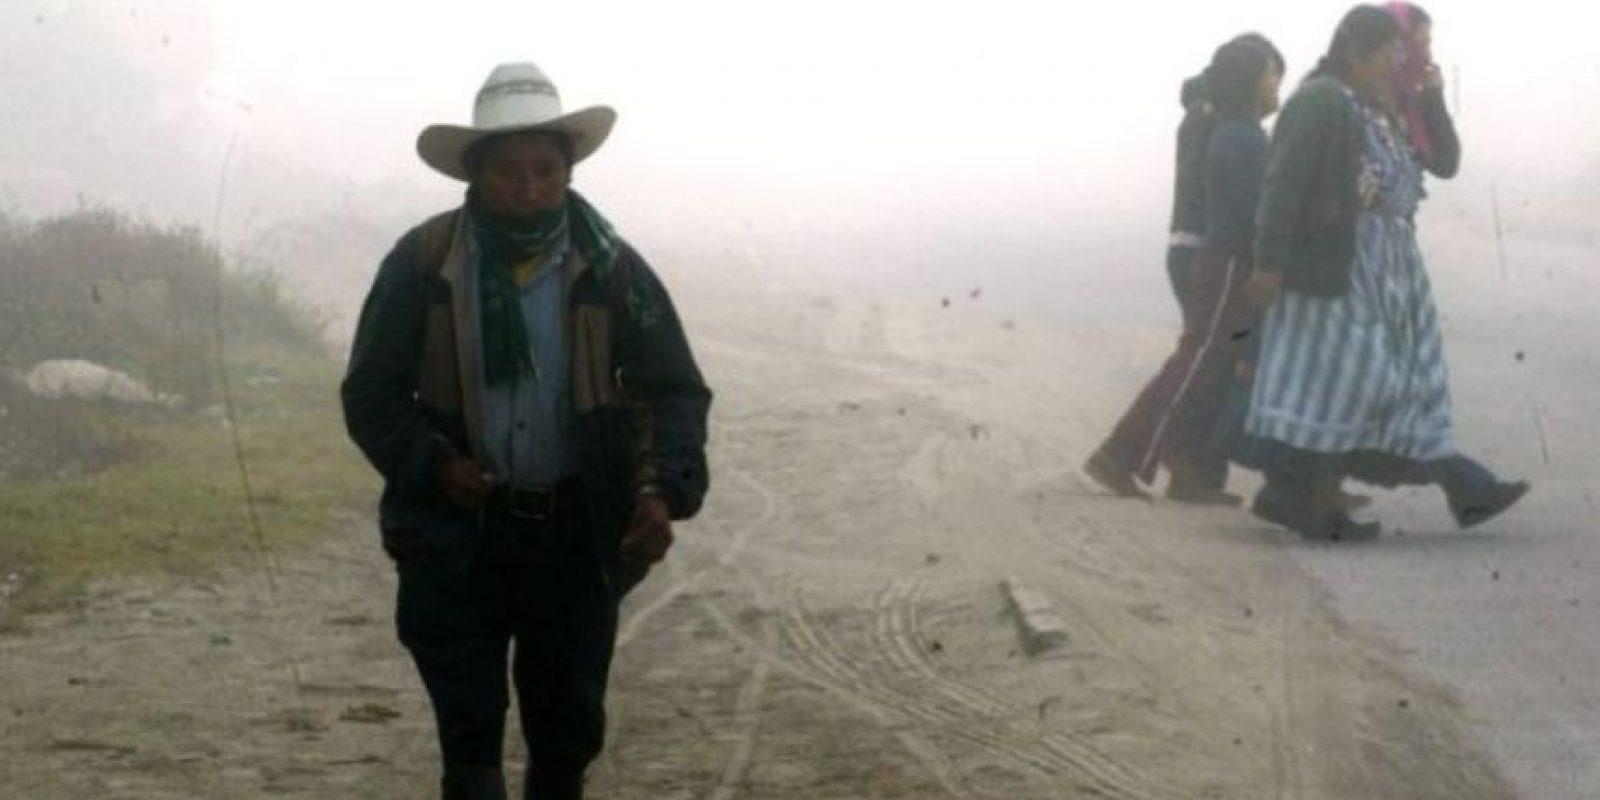 En el occidente se llegará a ceros grados centígrados Foto:Publinews